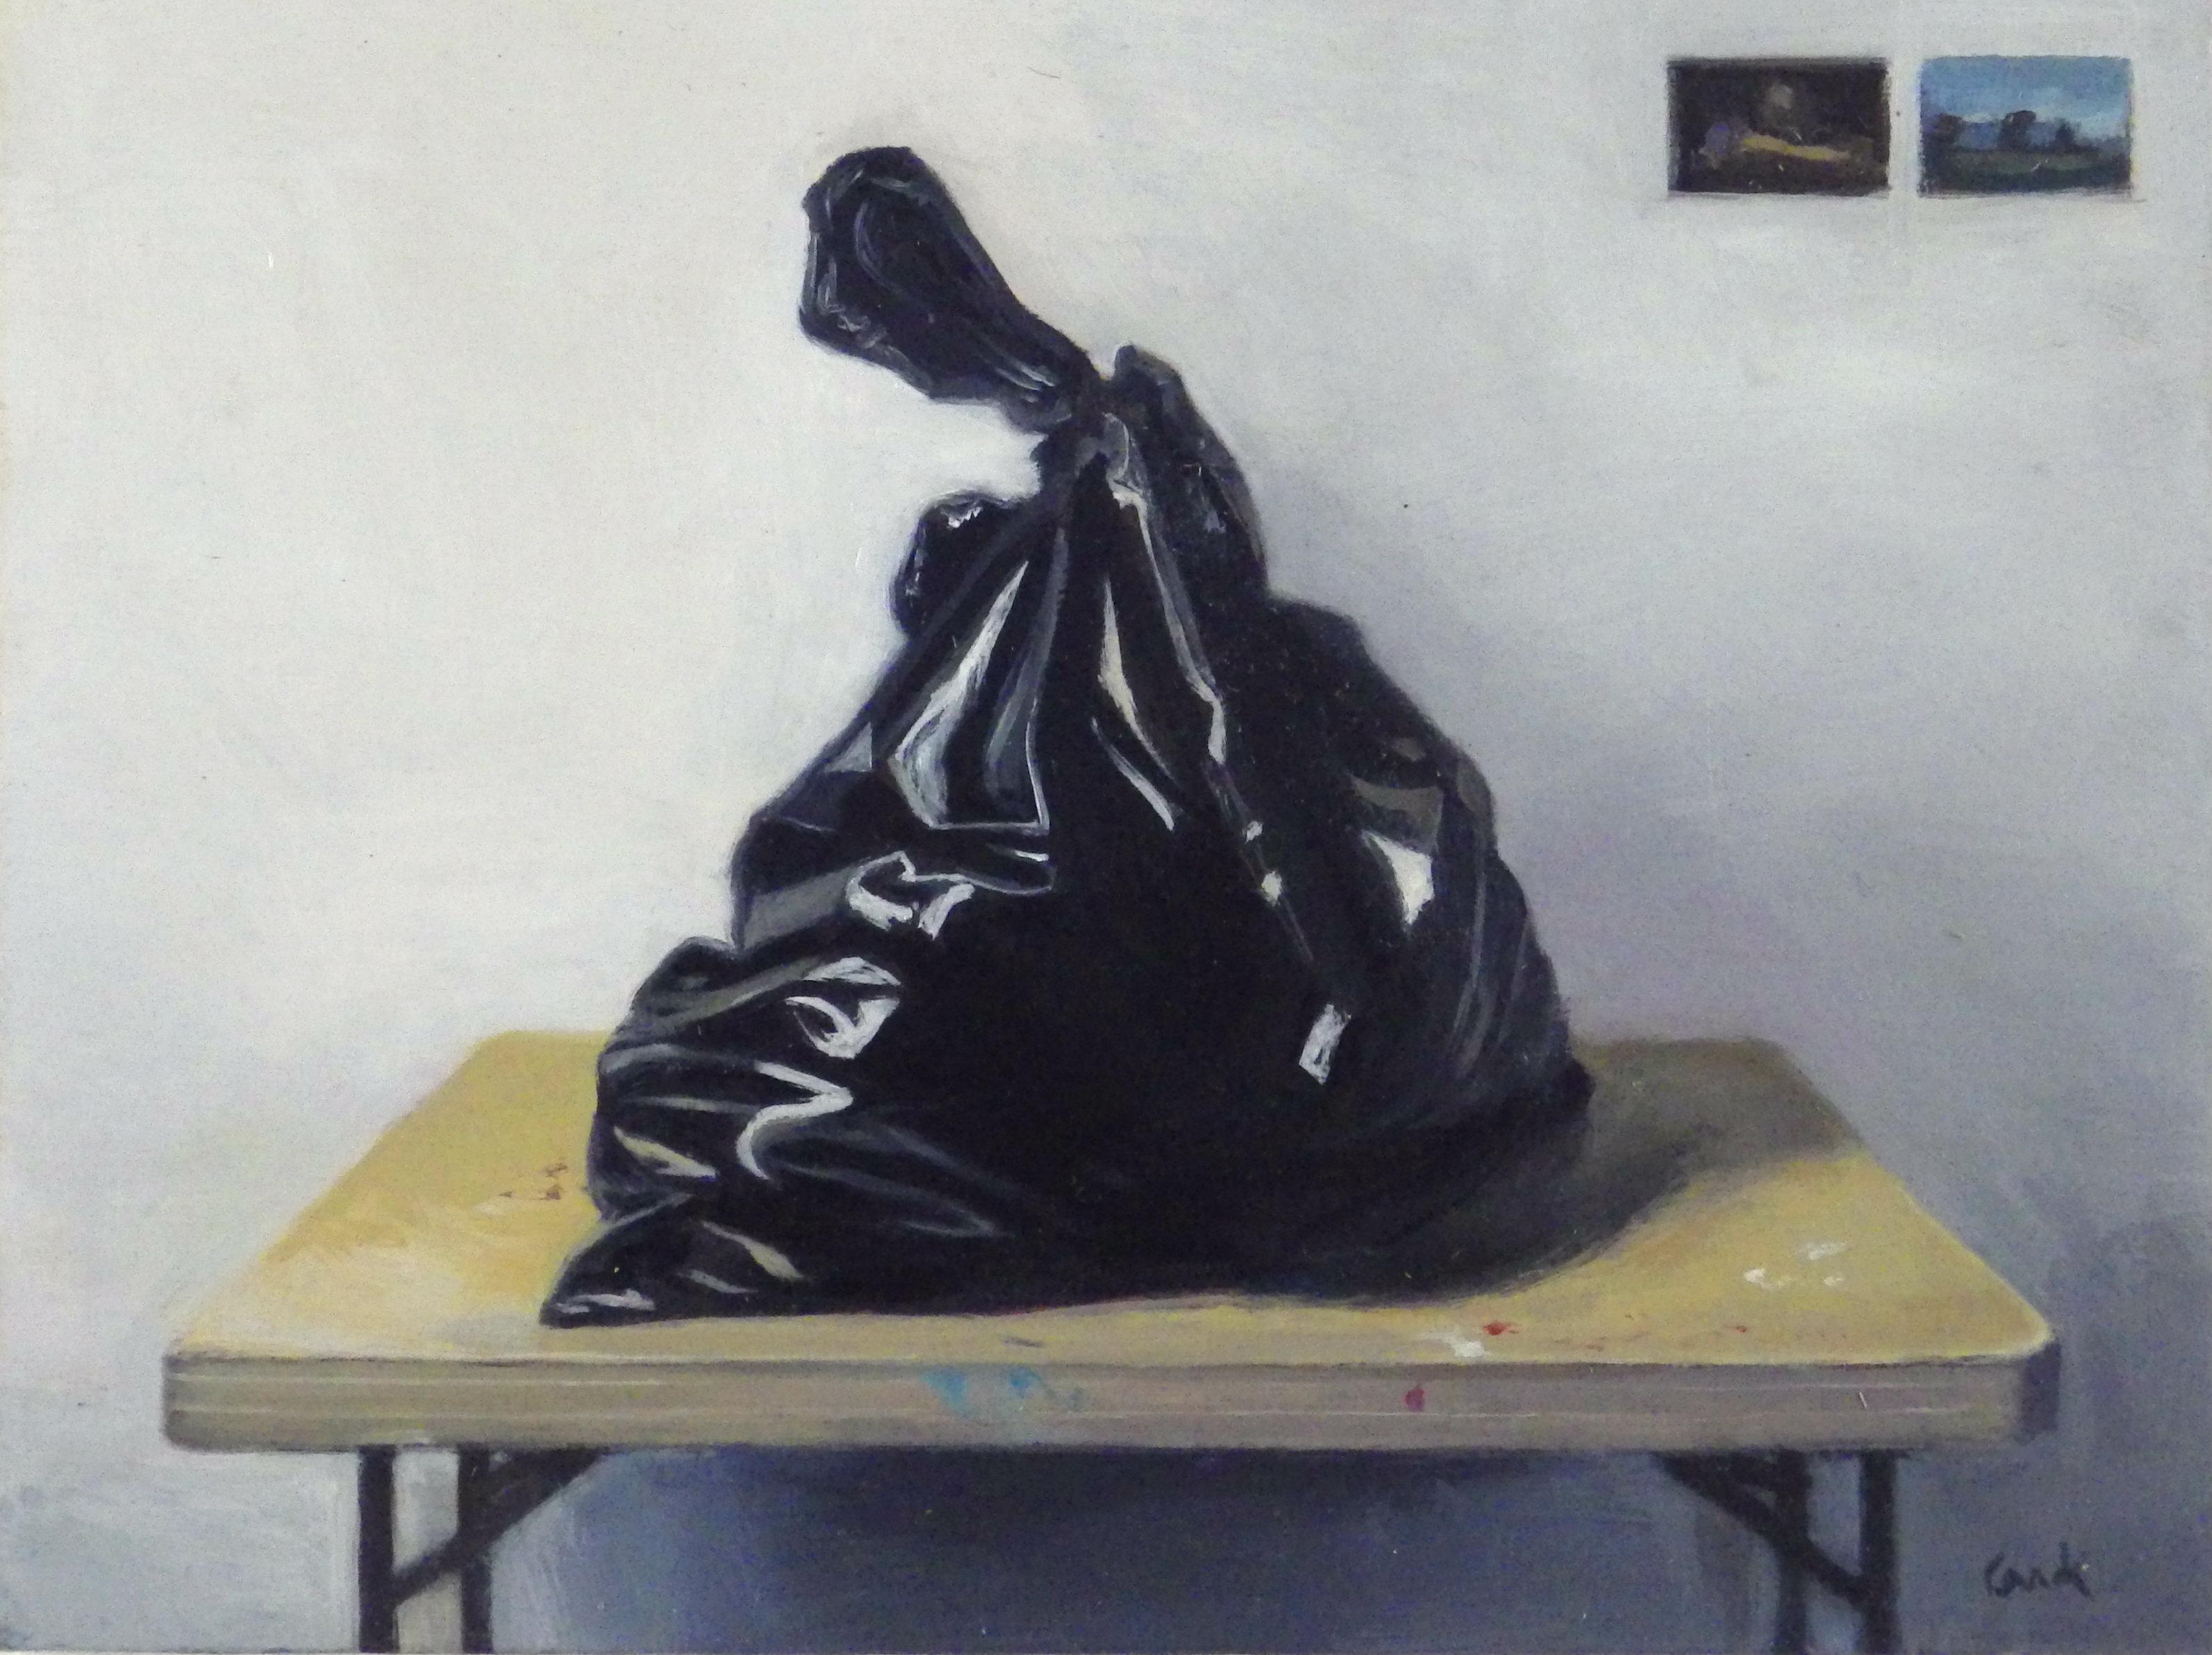 10-27-14 Black Bag